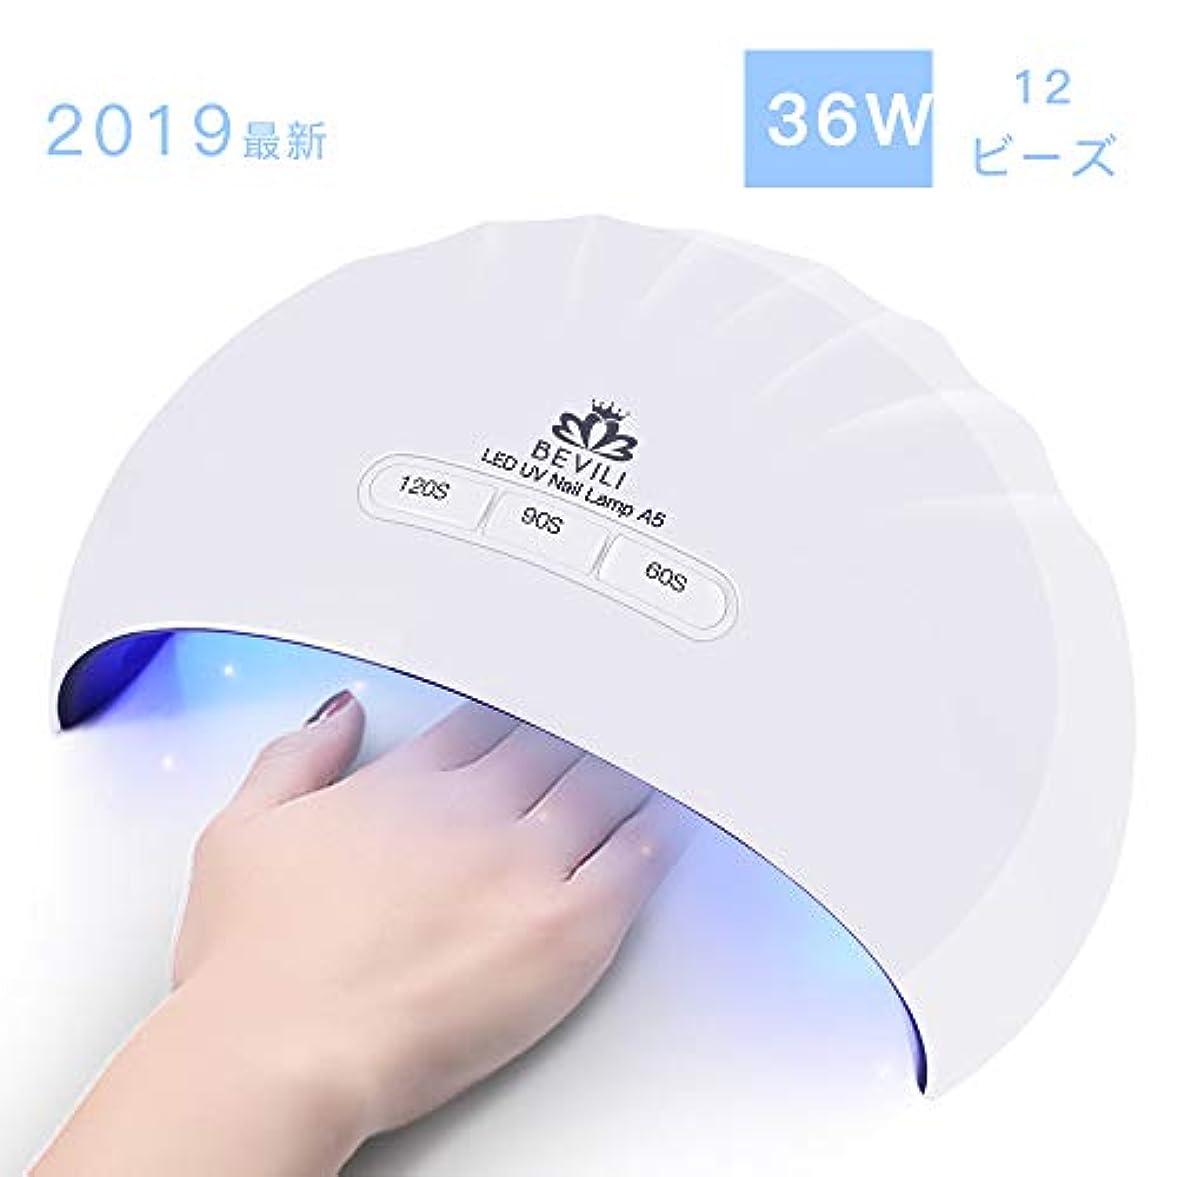 服別れる革新硬化用UV/LEDライトジェルネイルライト 肌をケア センサータイマー付き UVライト 速乾UV ネイル ハンドフット両用 ネイル led ライト USB対応